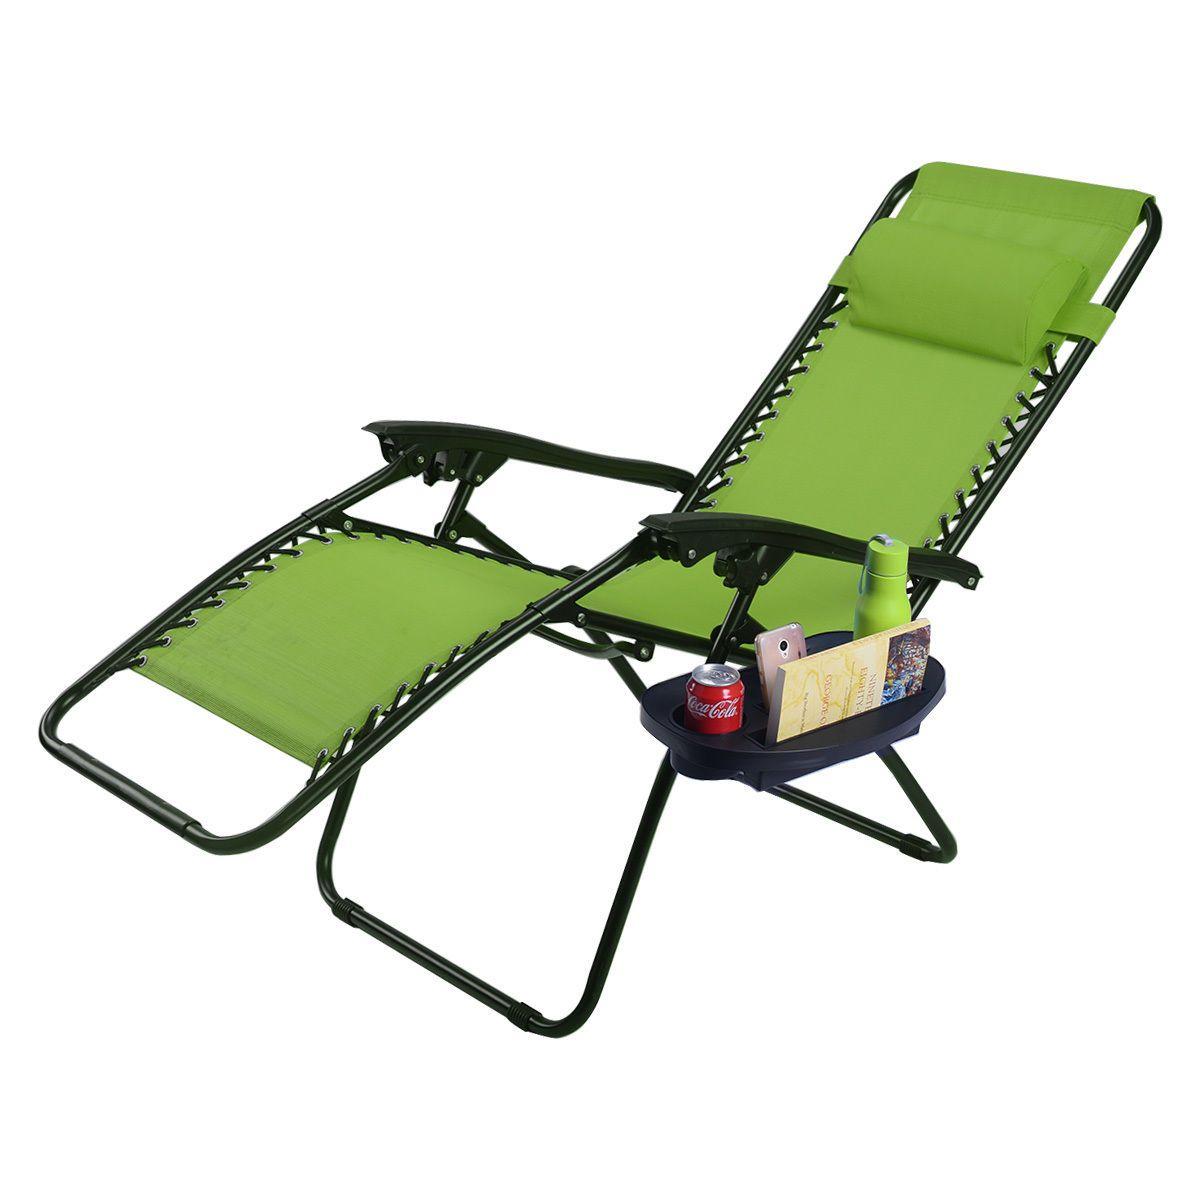 Compre sillones reclinables reclinables de cero gravedad for Sillones reclinables precios